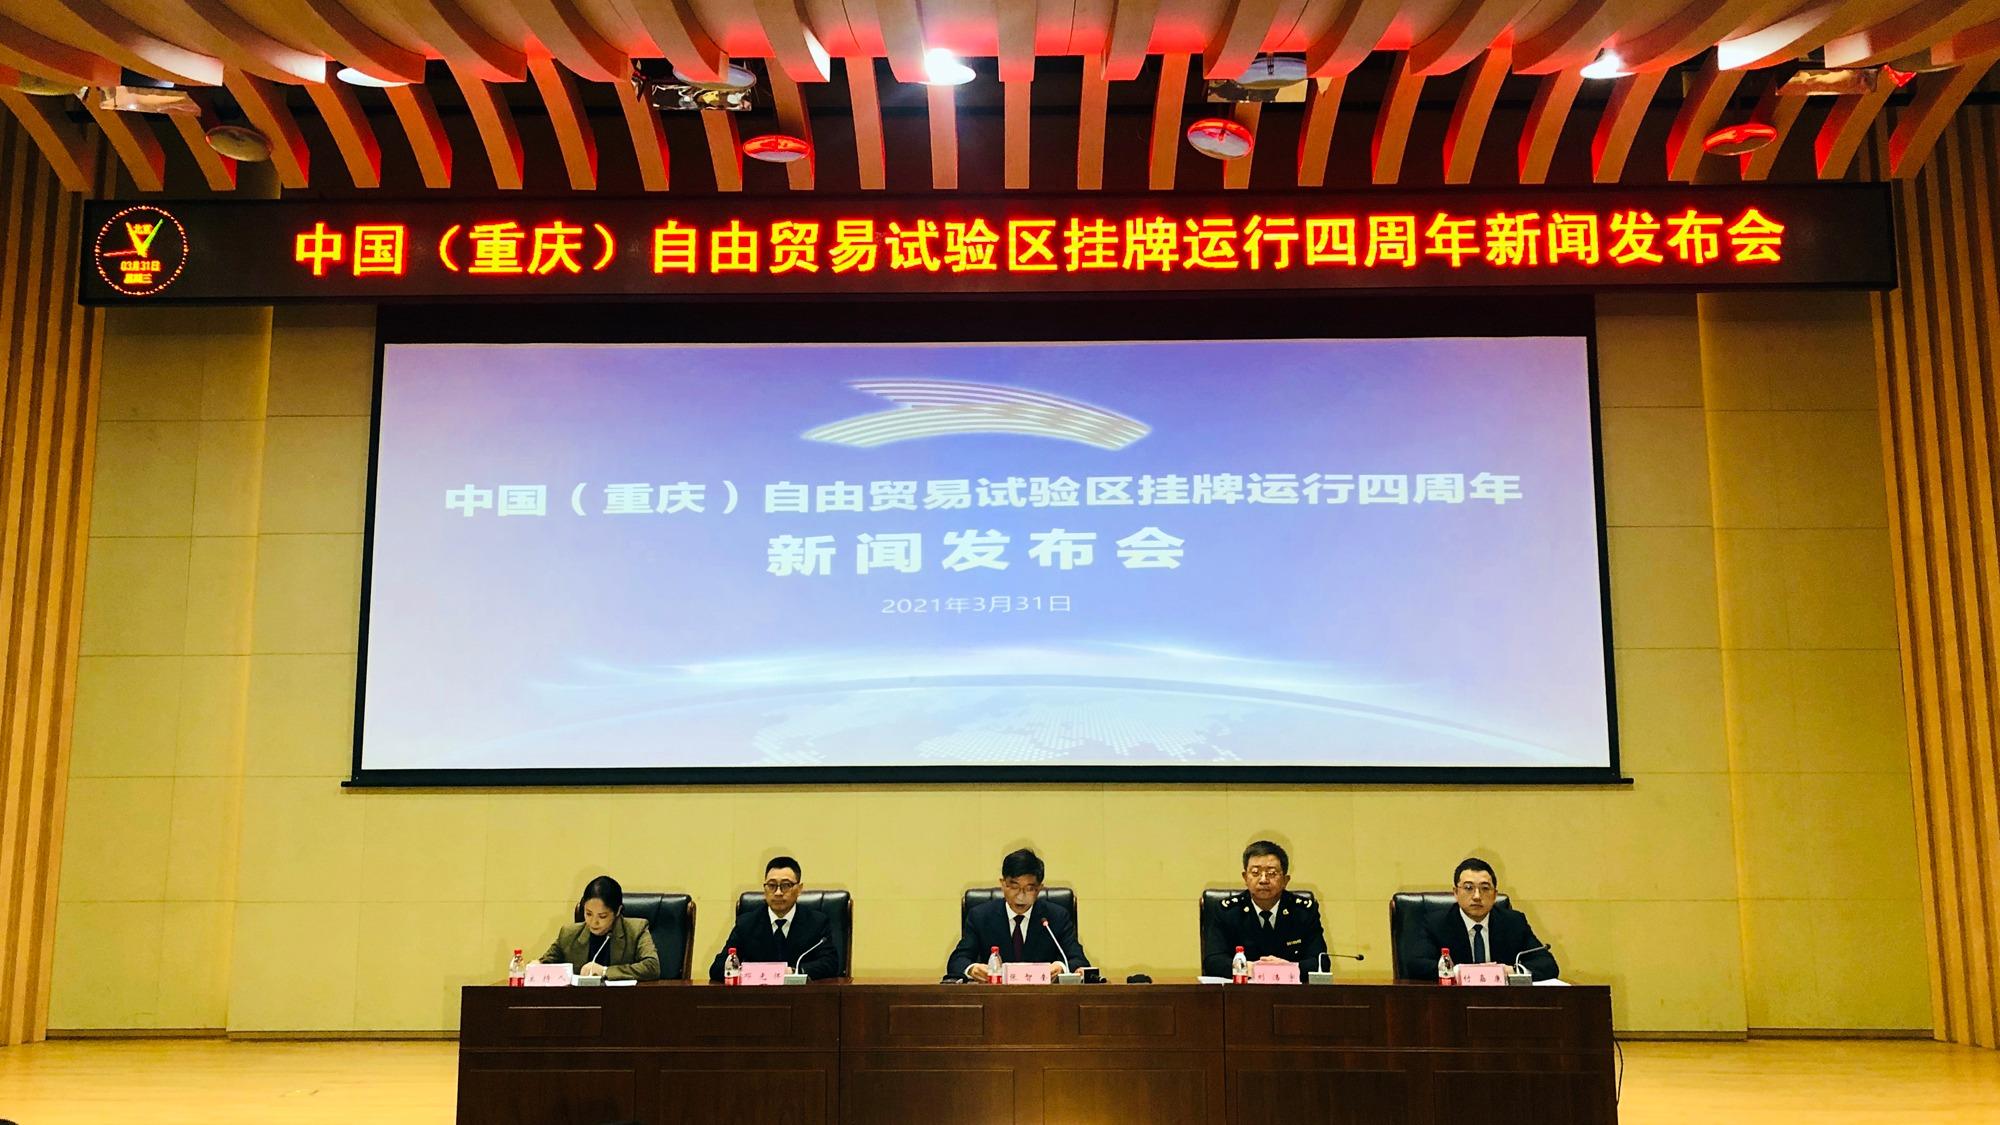 重庆自贸区四年新增市场主体超五万户 港资占实到外资逾七成